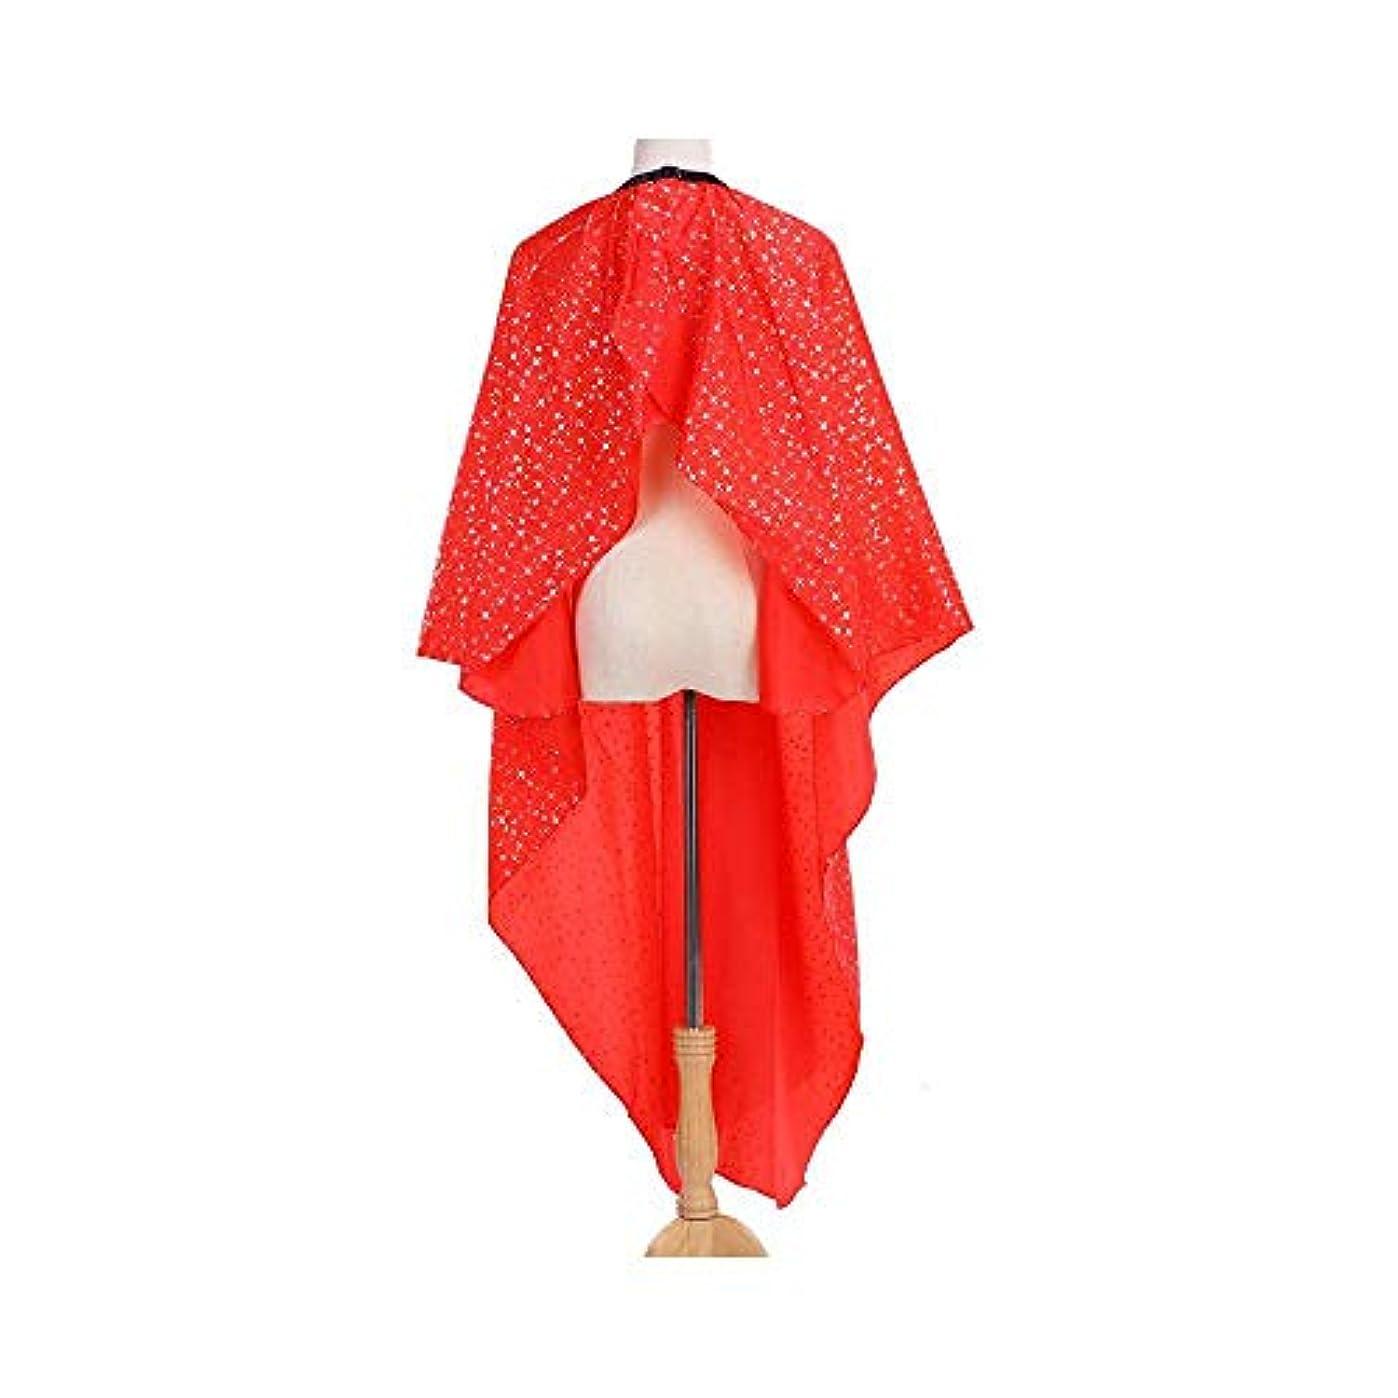 アメリカメロドラマティック意味する理髪エプロン長い髪カッティングガウン赤い色サロン理髪ケープ モデリングツール